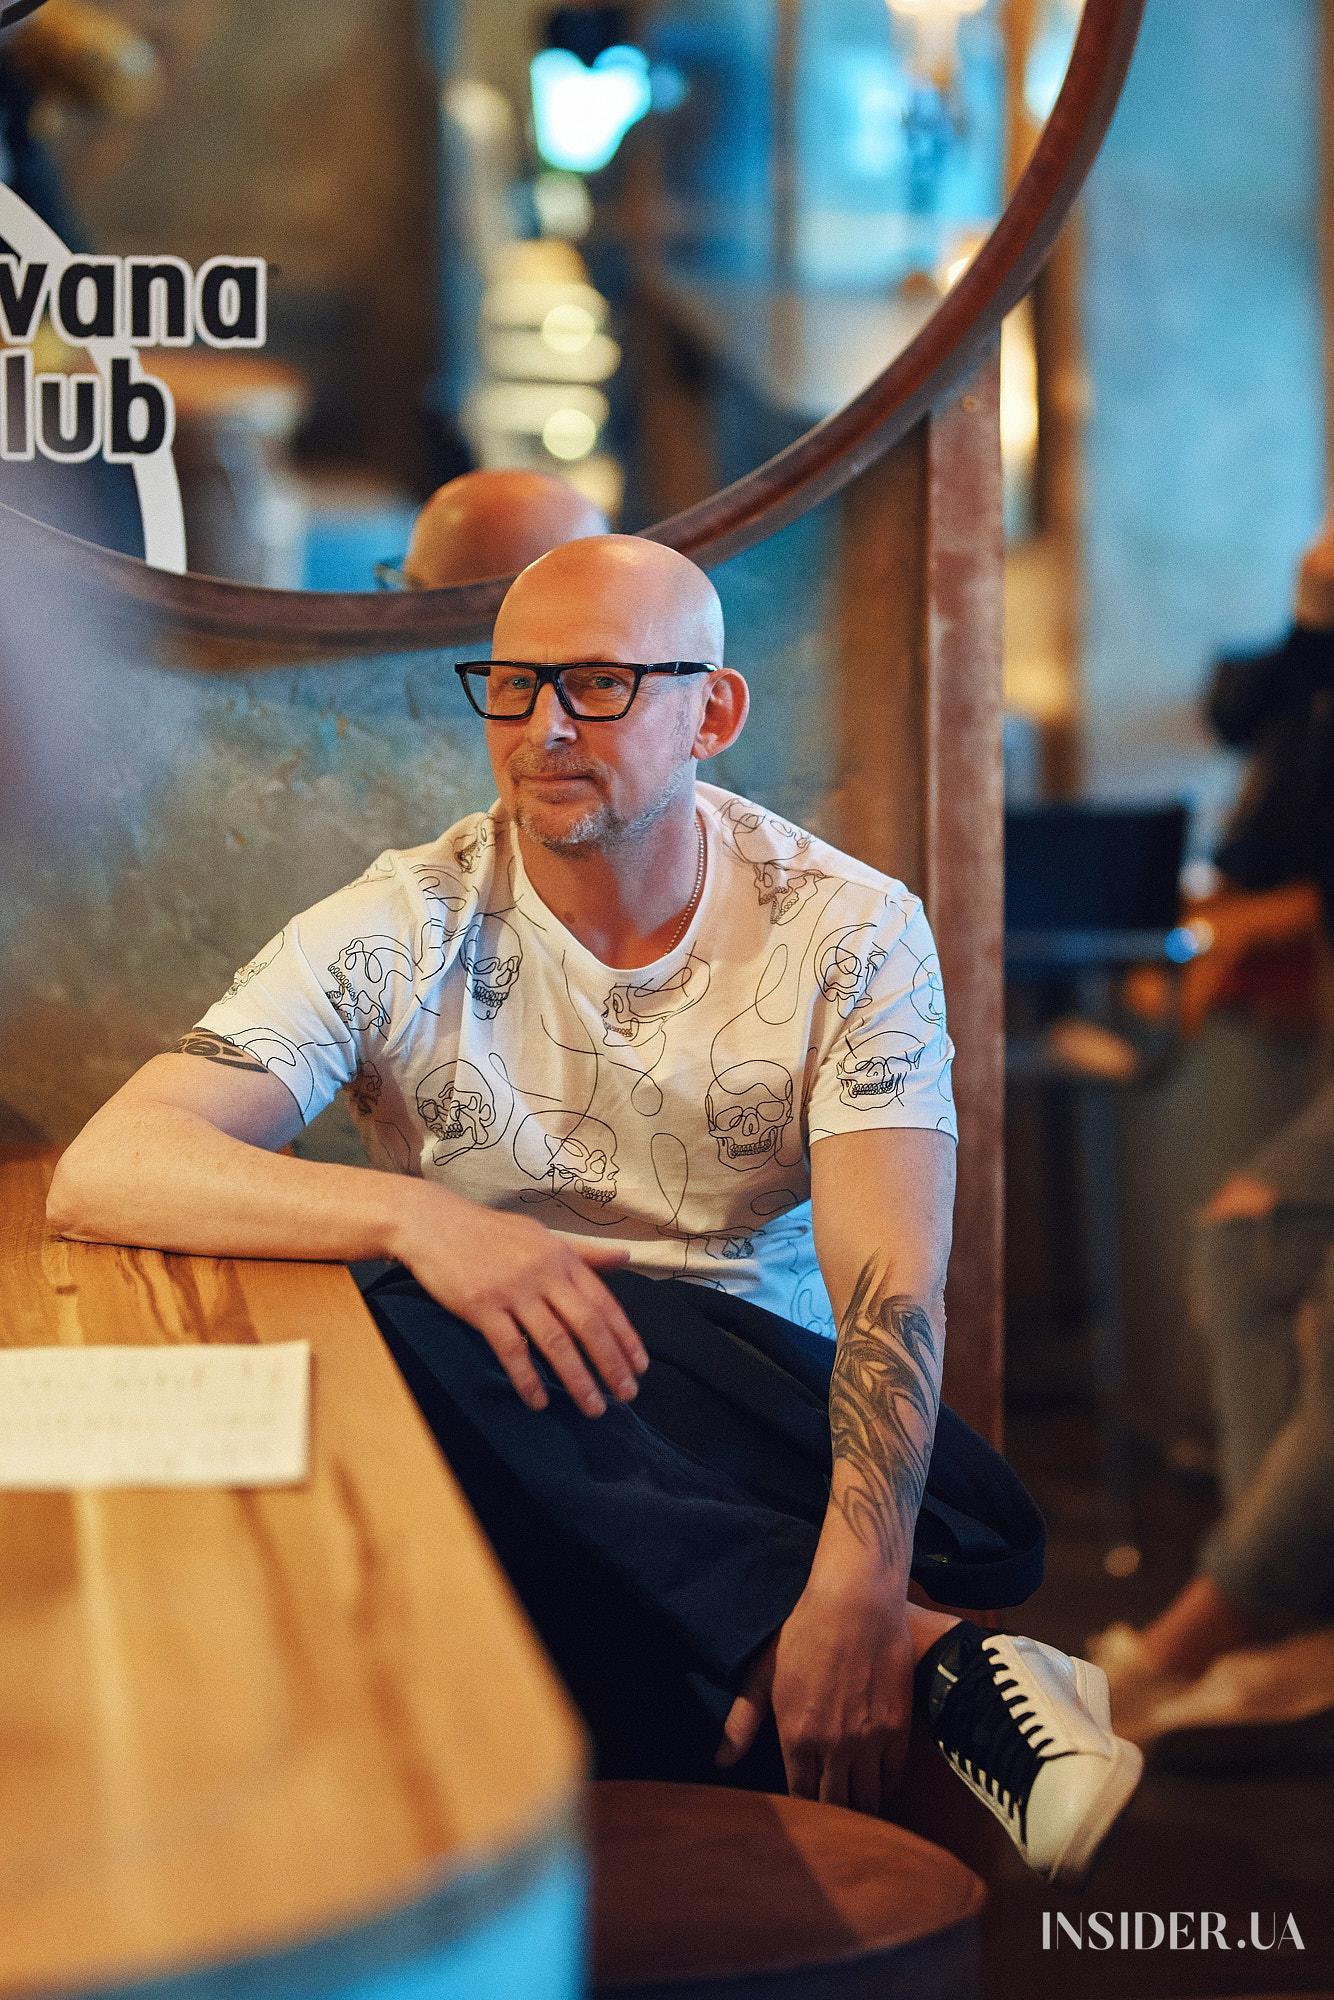 Музыка и авторские коктейли: в Киеве открылся обновленный Gol'da